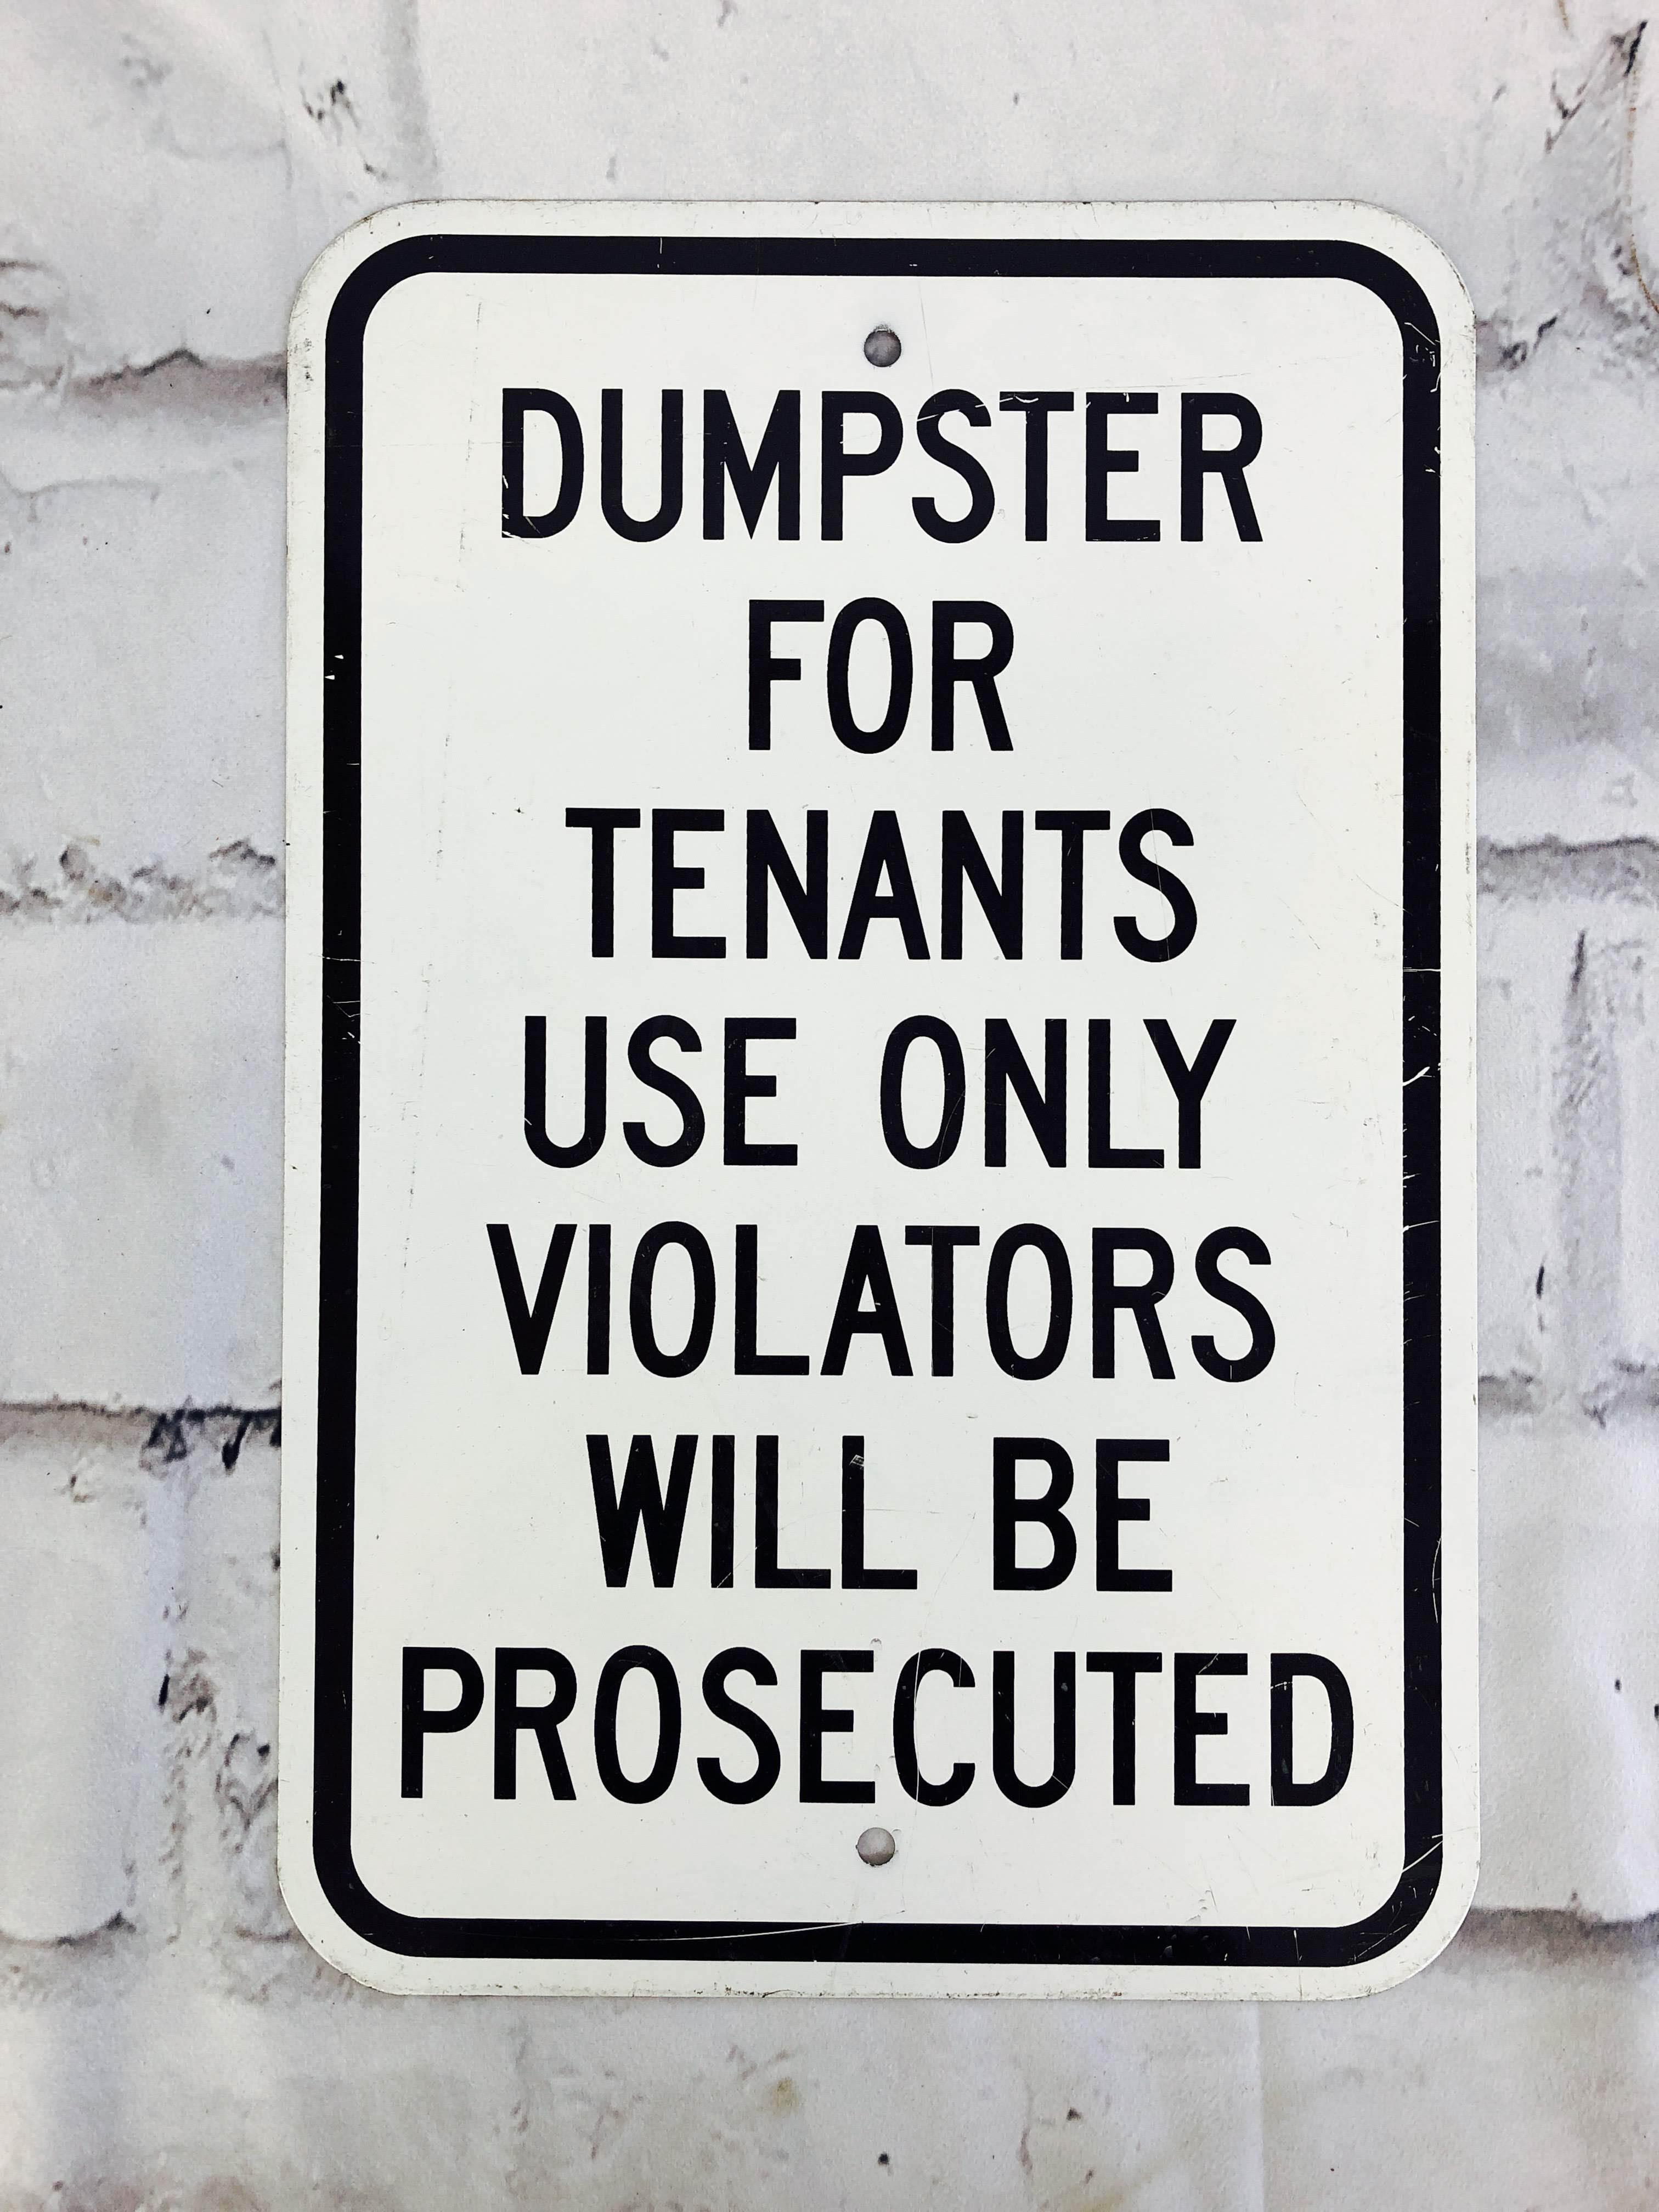 品番6275 道路標識 看板 『DUMPSTER FOR TENANTS USE ONLY』 ロードサイン サインプレート アメリカンヴィンテージ